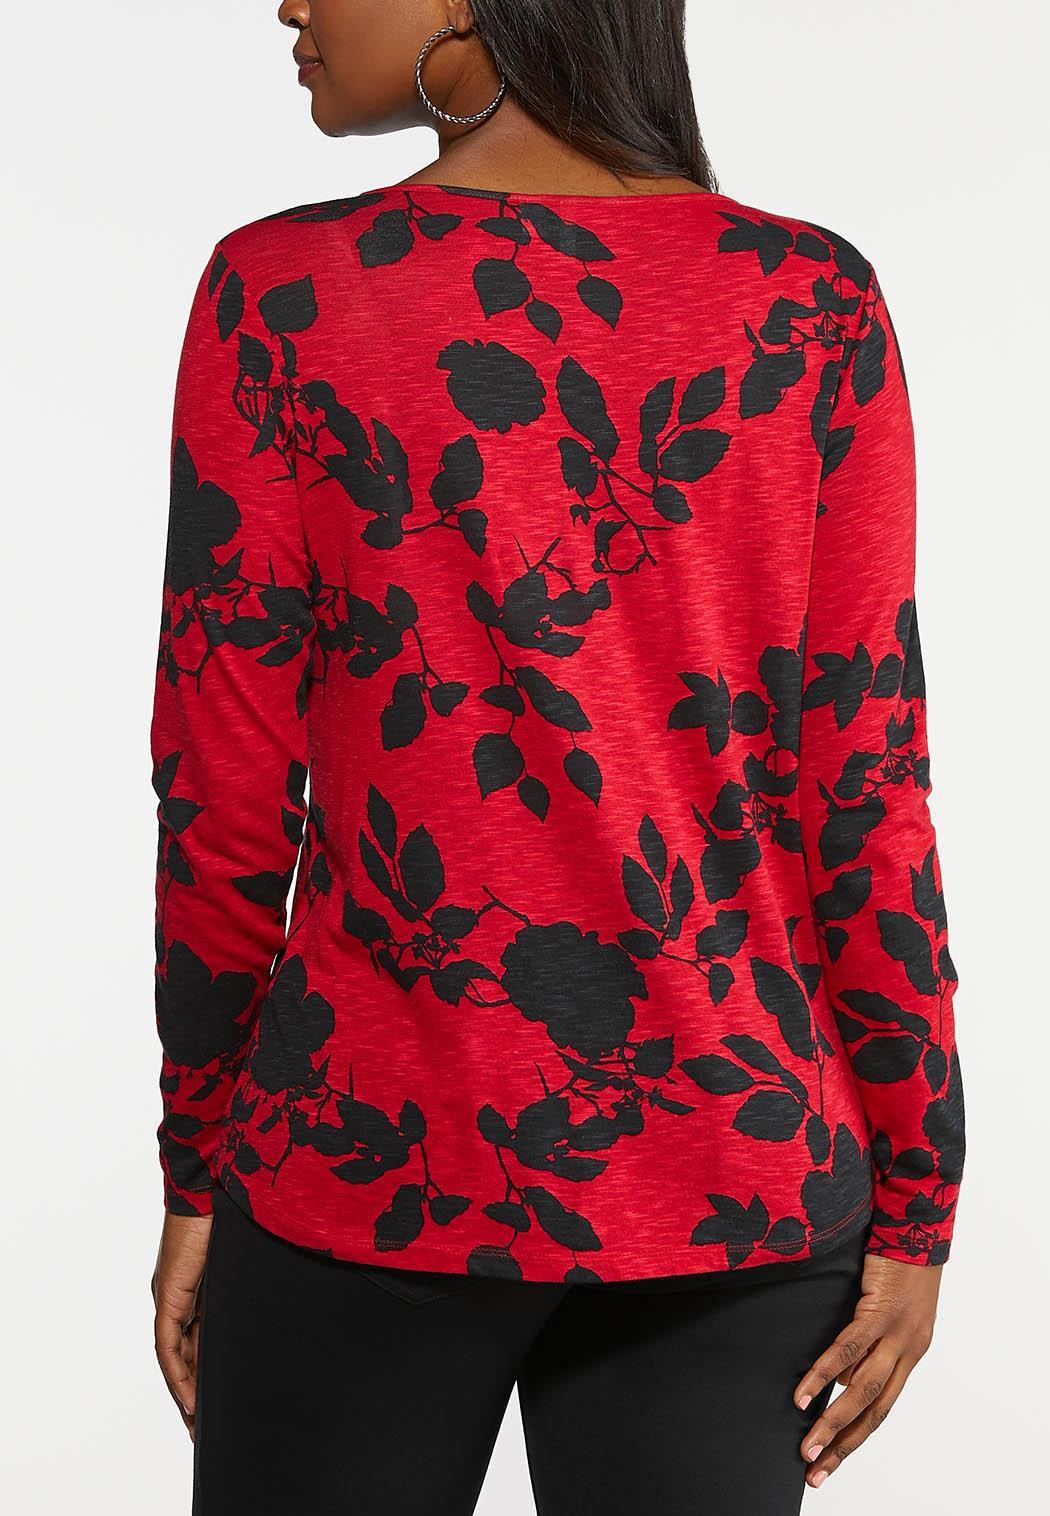 Plus Size Cross Neck Floral Top (Item #44035553)